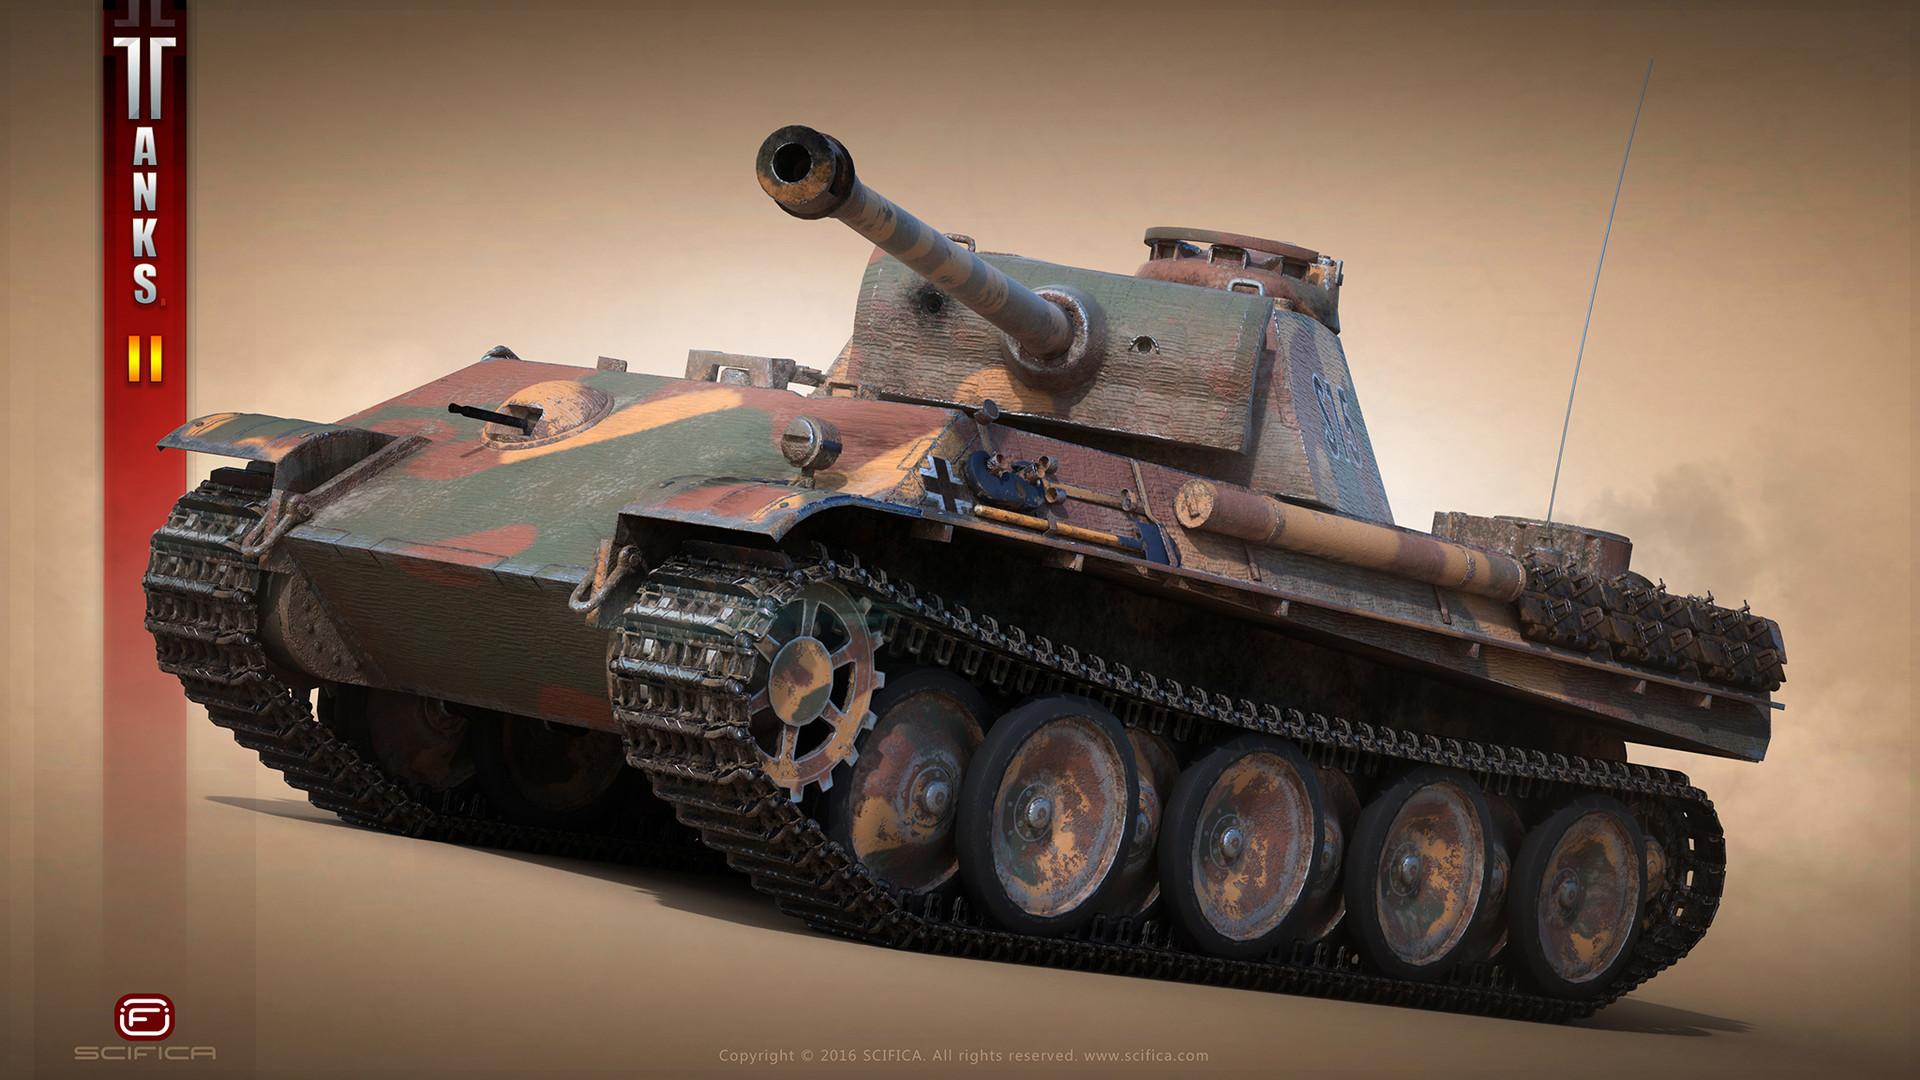 German Panther Tank Wallpaper 77 Images